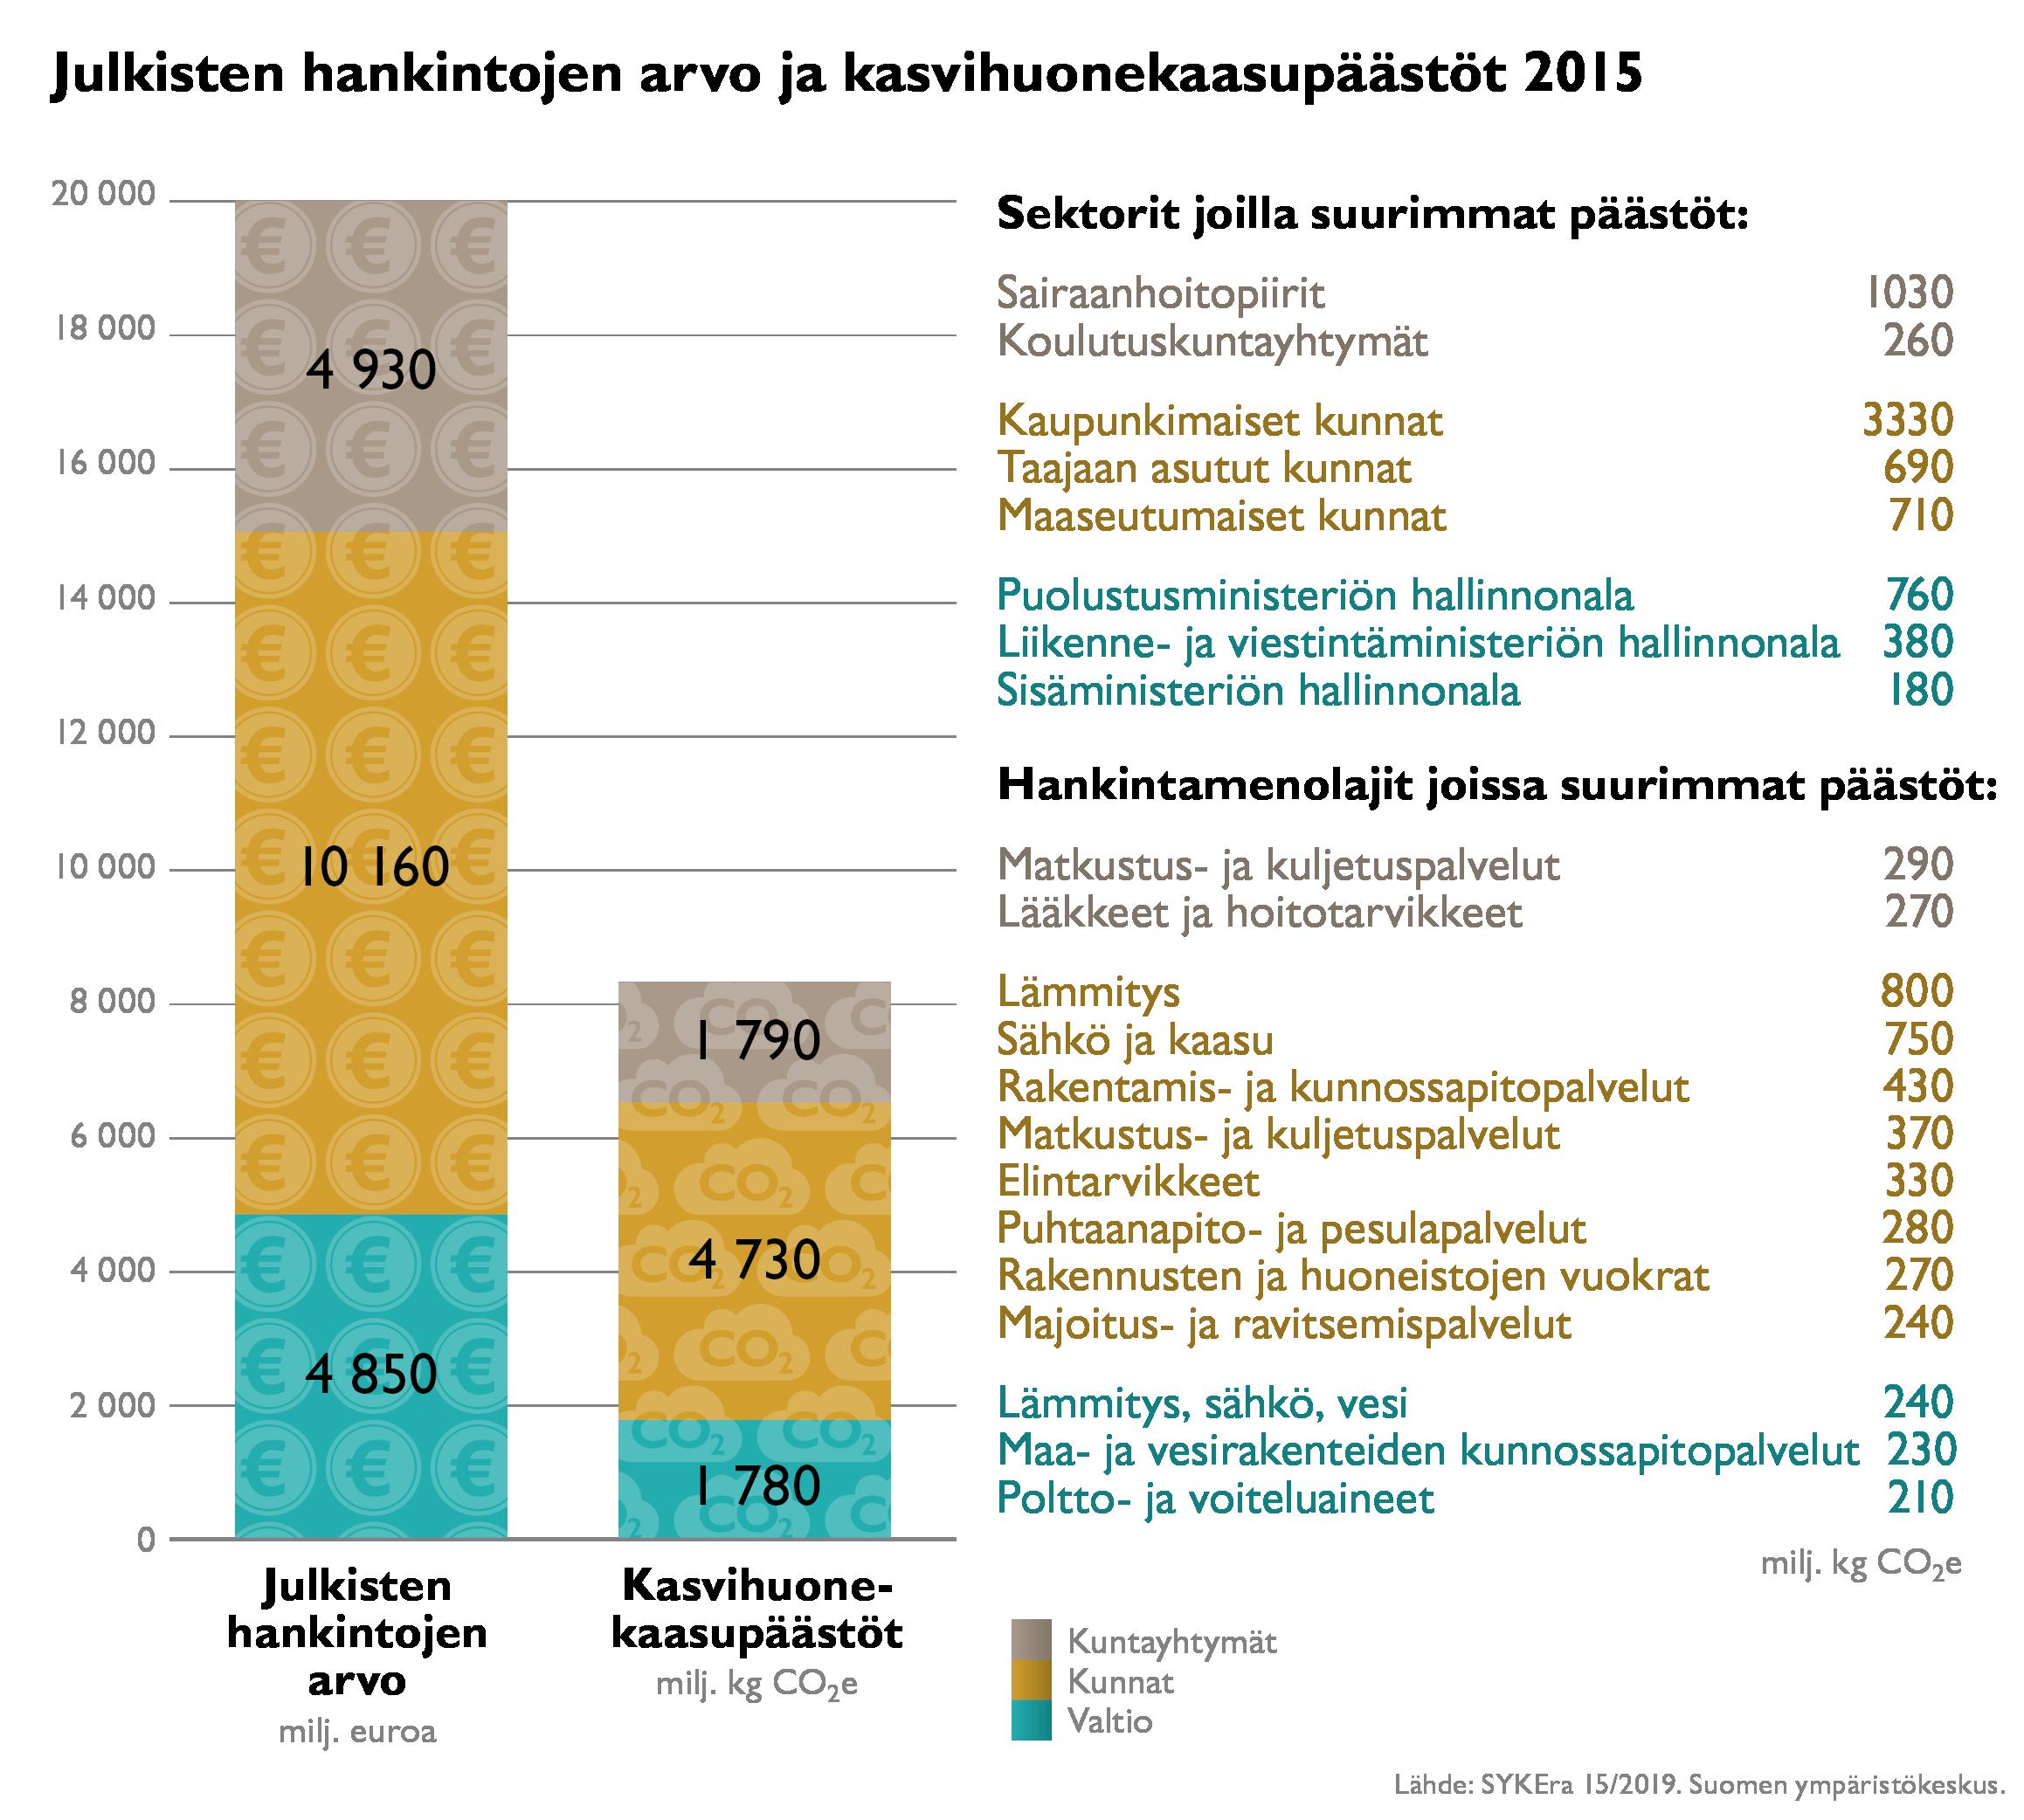 Kuvio jukisten hankintojen kasvihuonepäästöistä